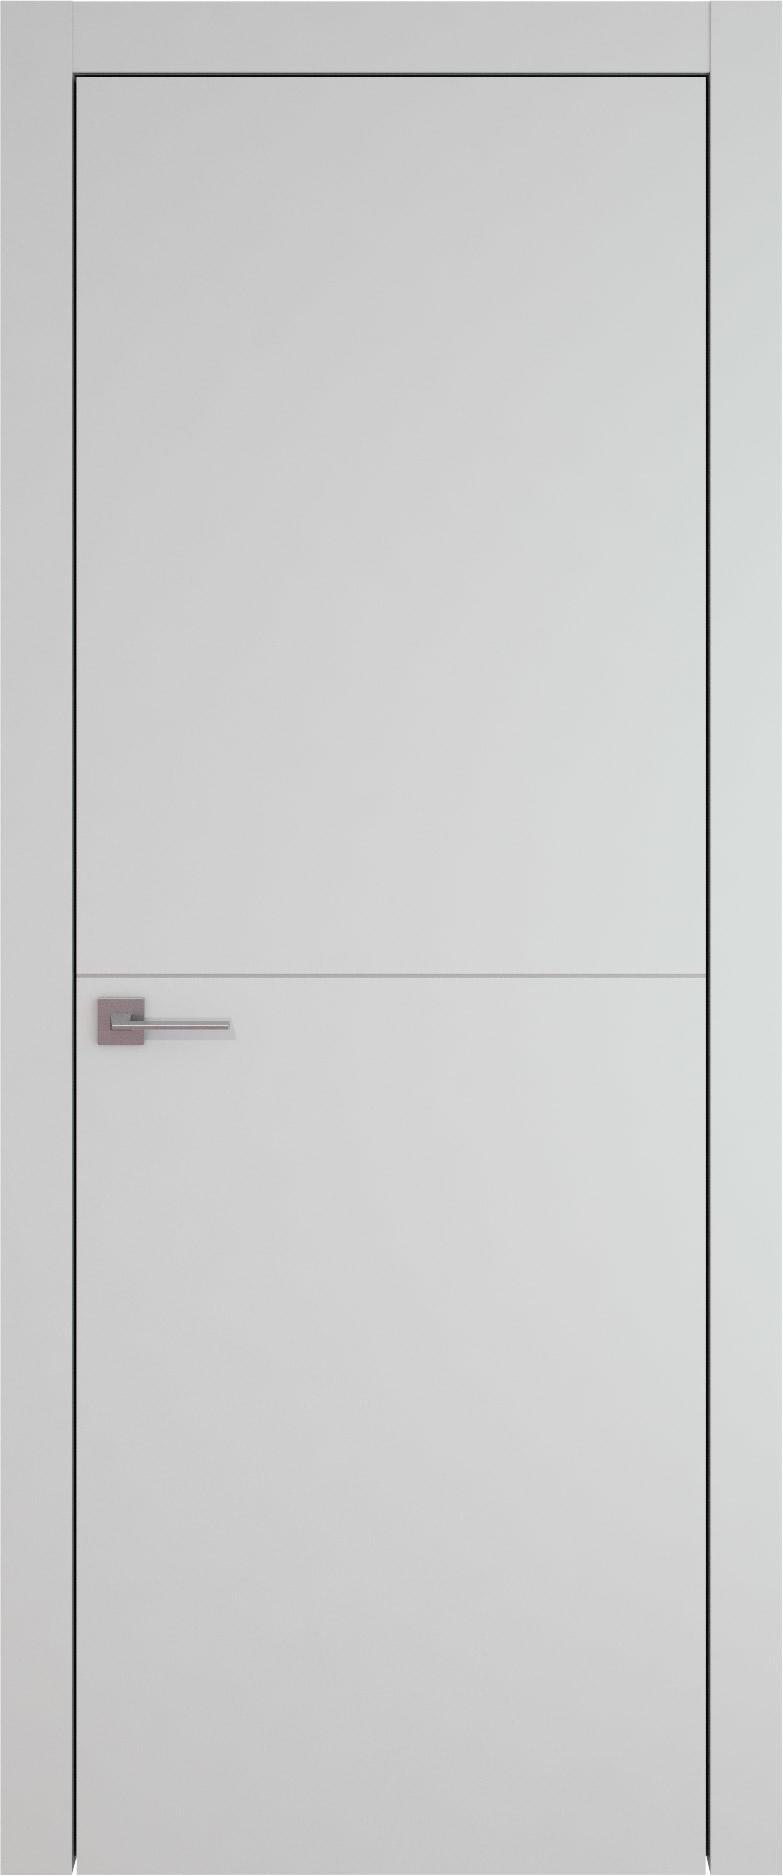 Tivoli Б-3 цвет - Серая эмаль (RAL 7047) Без стекла (ДГ)